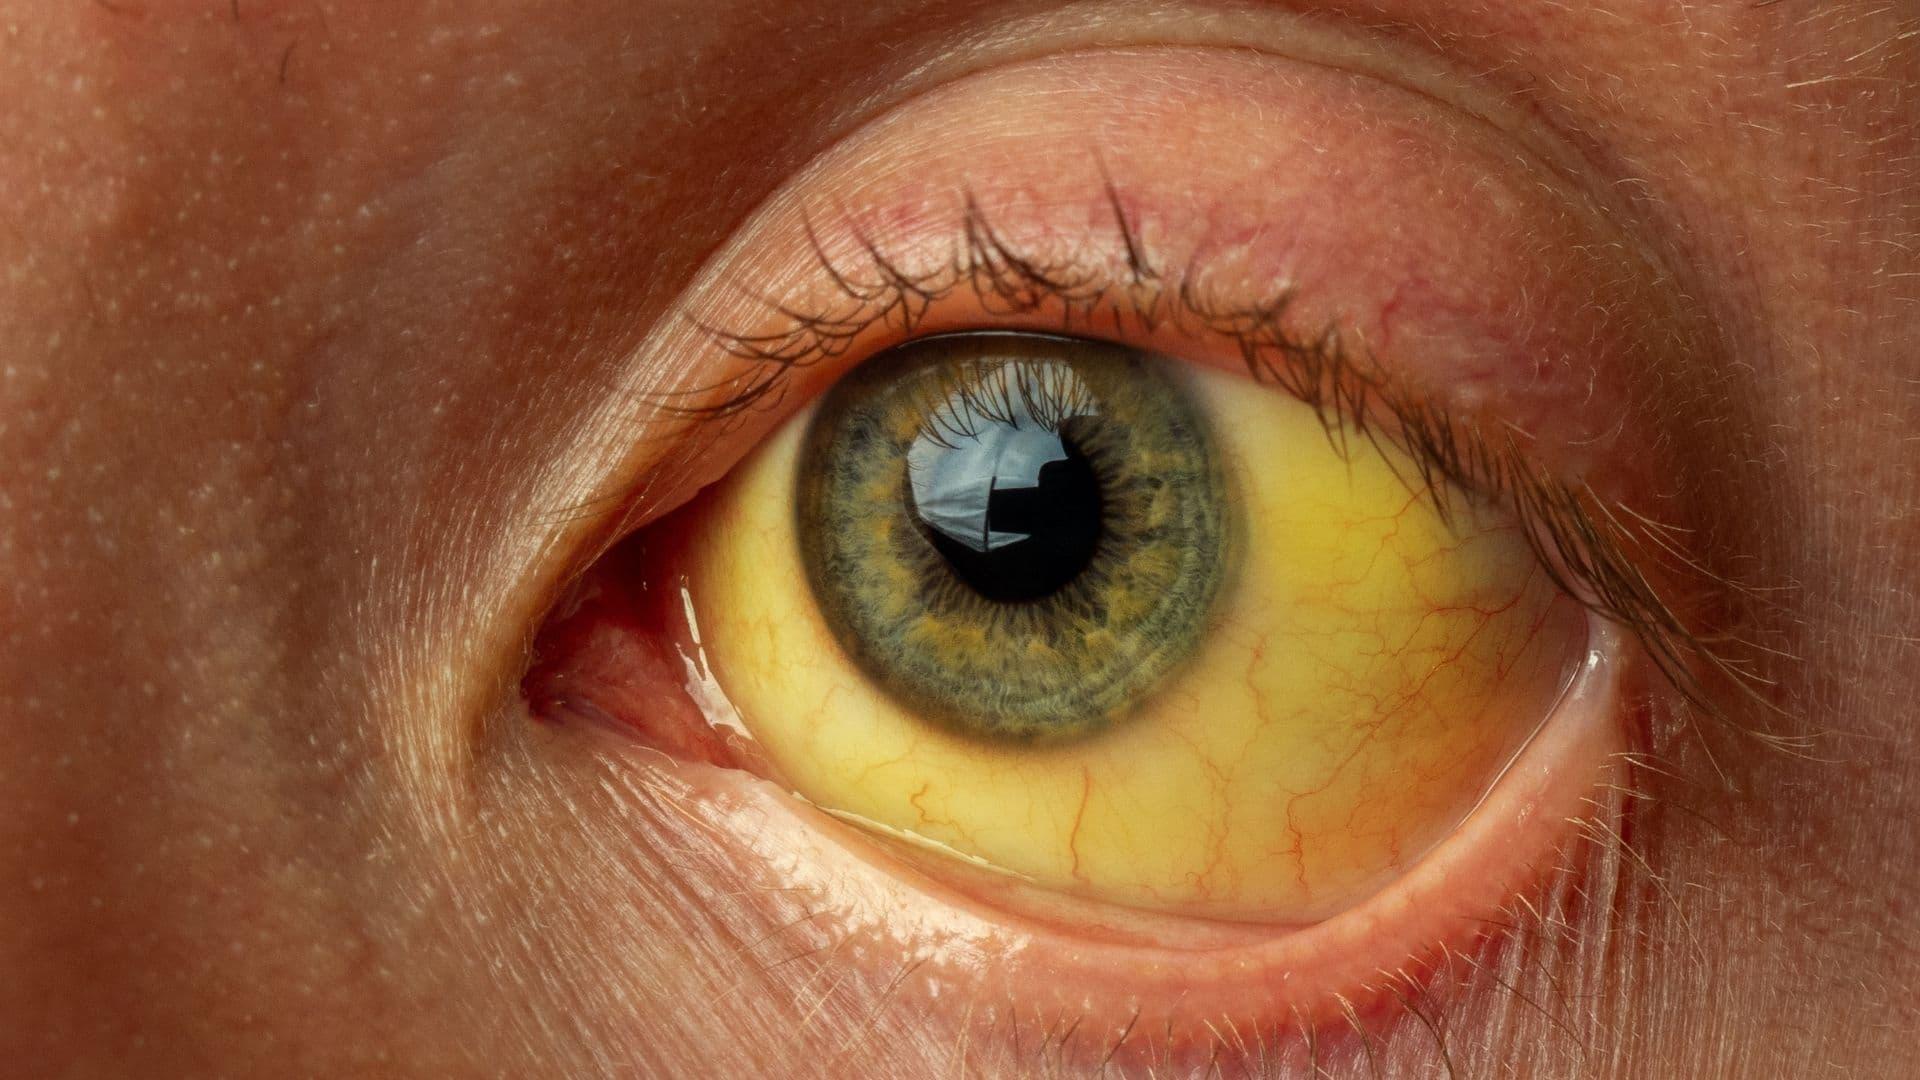 yellow jaundice eye from hepatitis